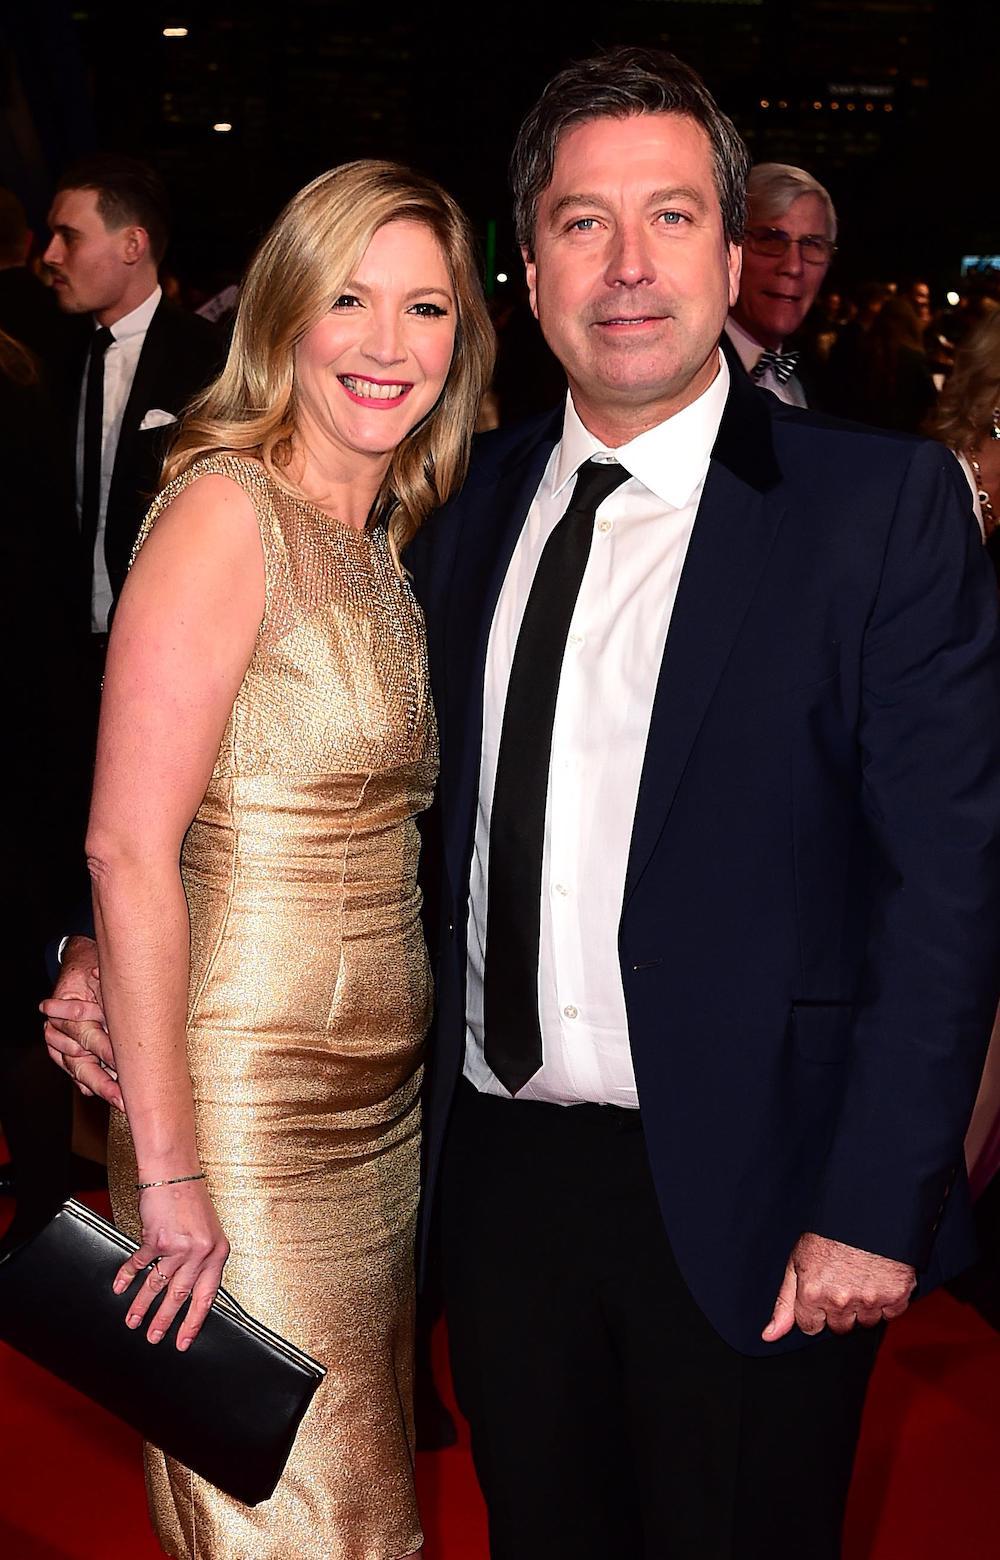 John Torode and Lisa Faulkner (Credit: Alamy)